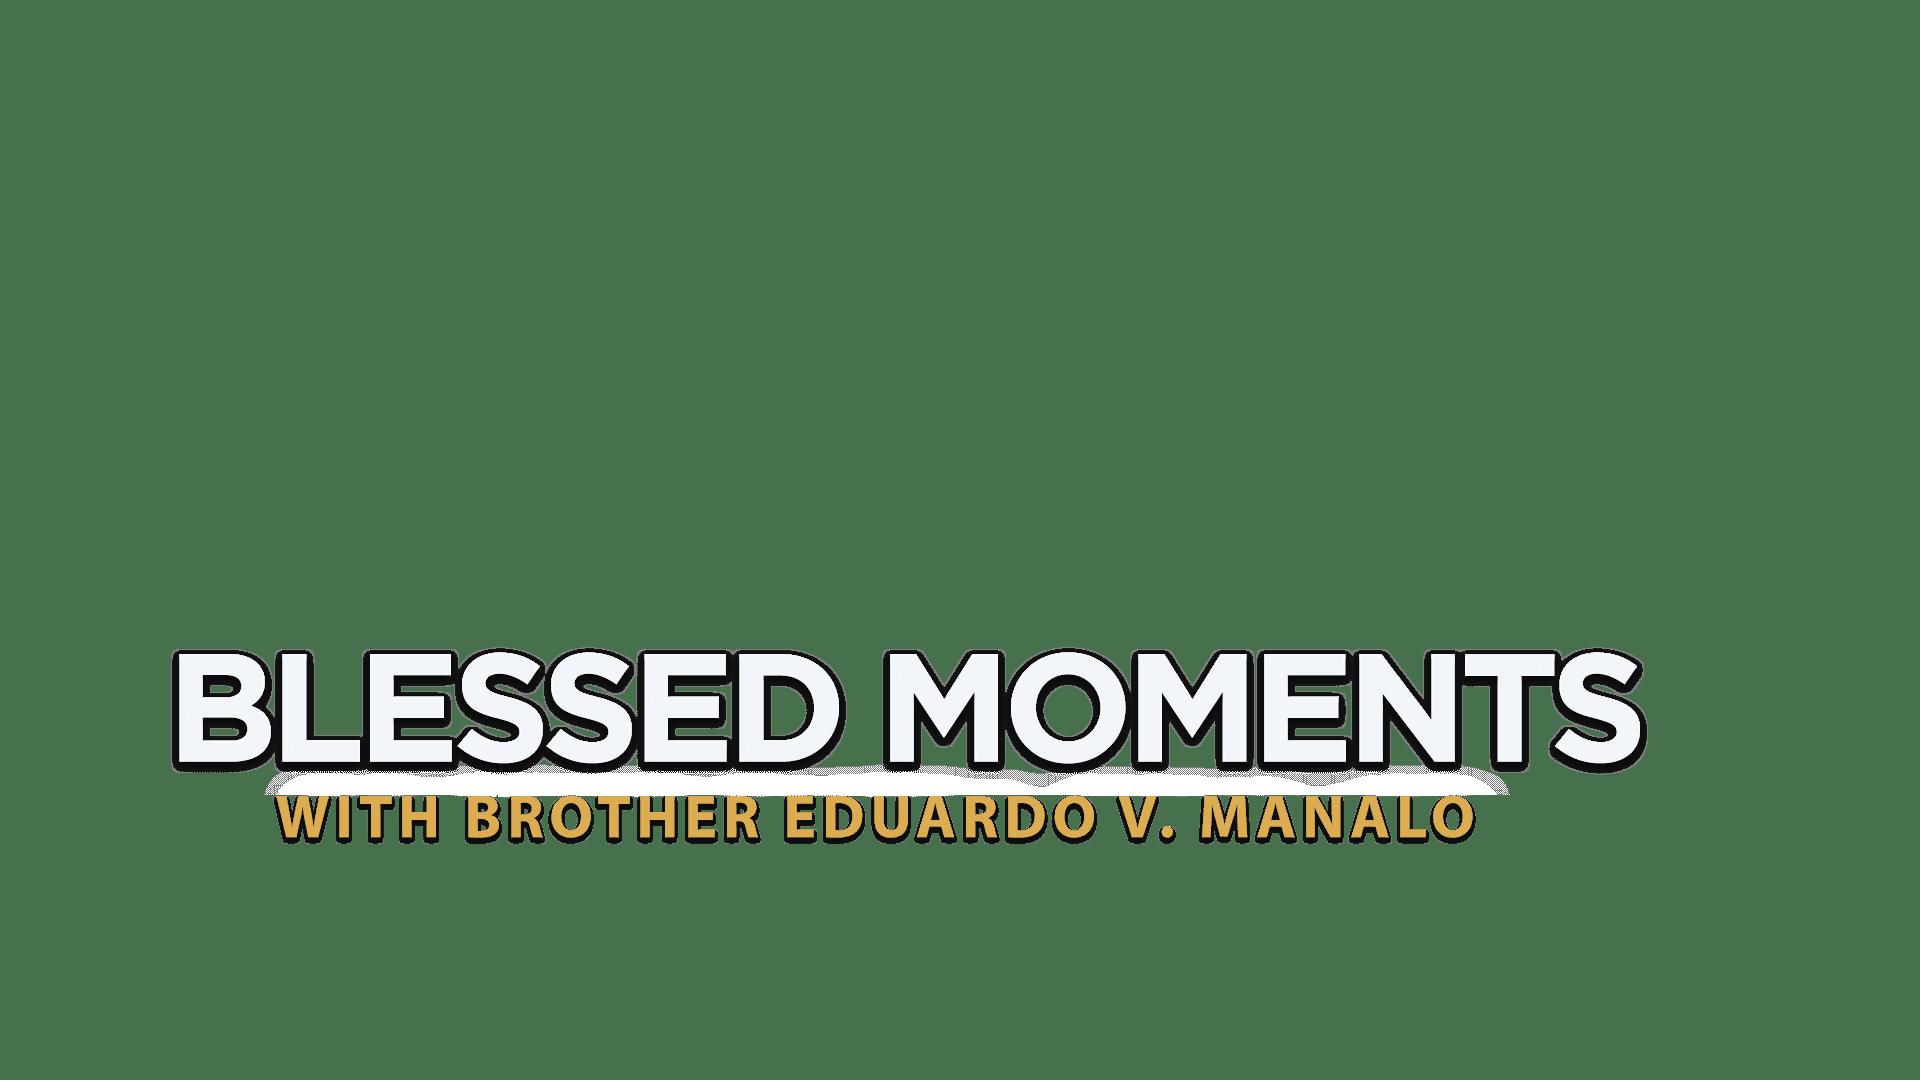 XL-BLESSEDMOMENT-2020-TEXT